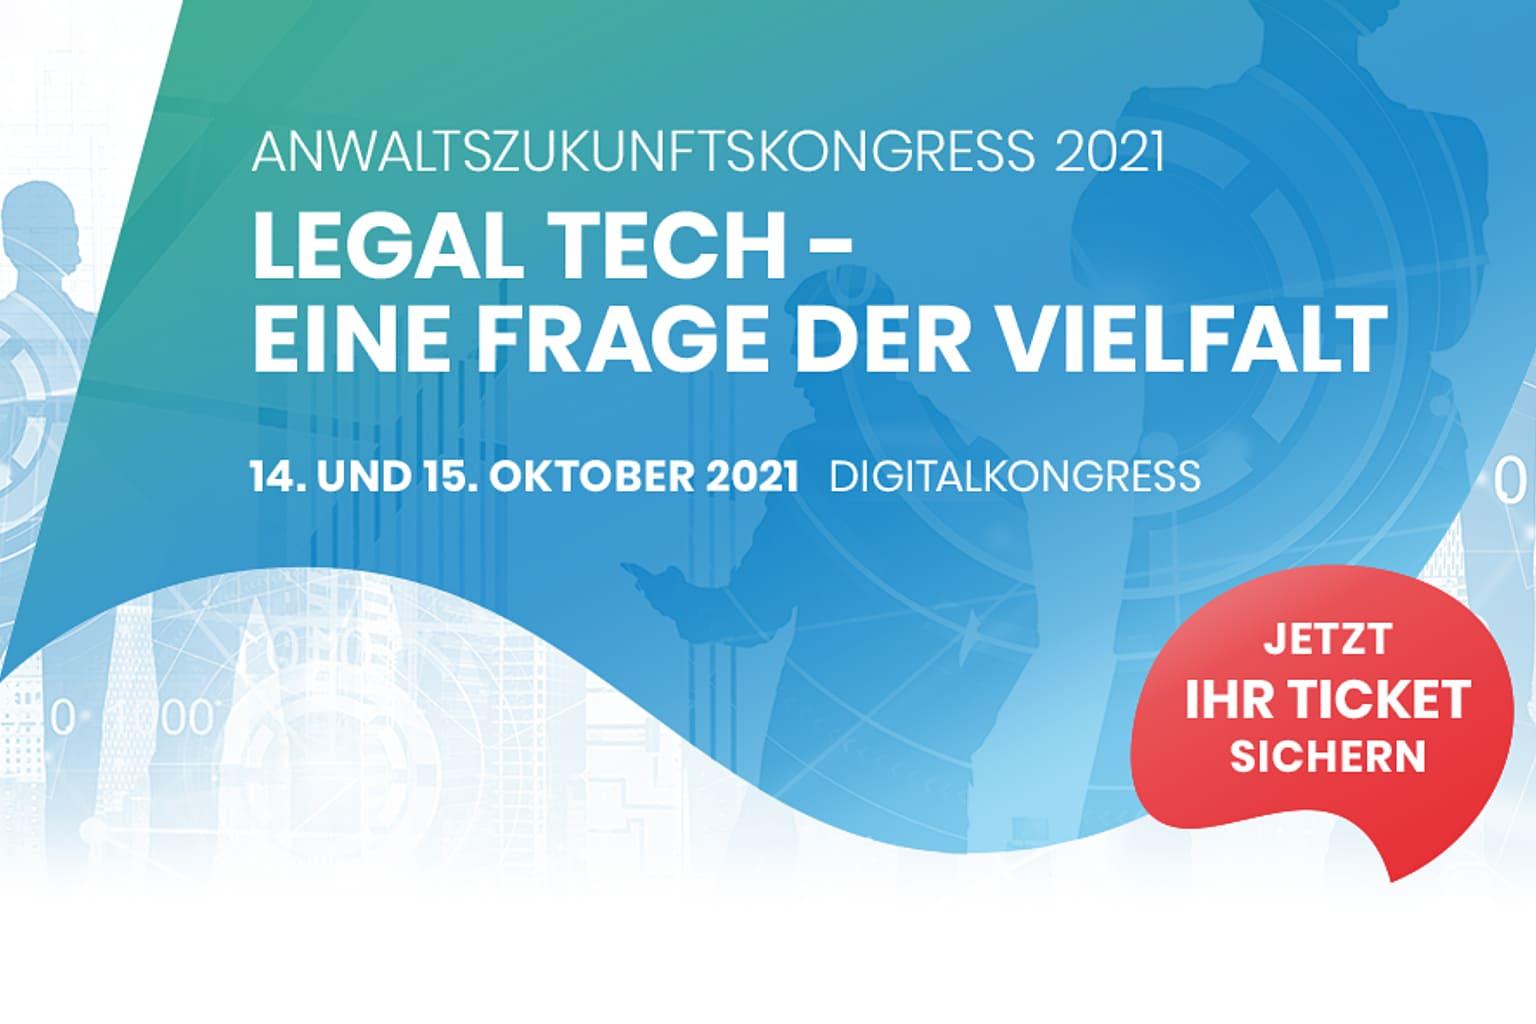 Anwaltszukunftskongress AZK am 14. und 15. Oktober 2021 zu Legal Tech